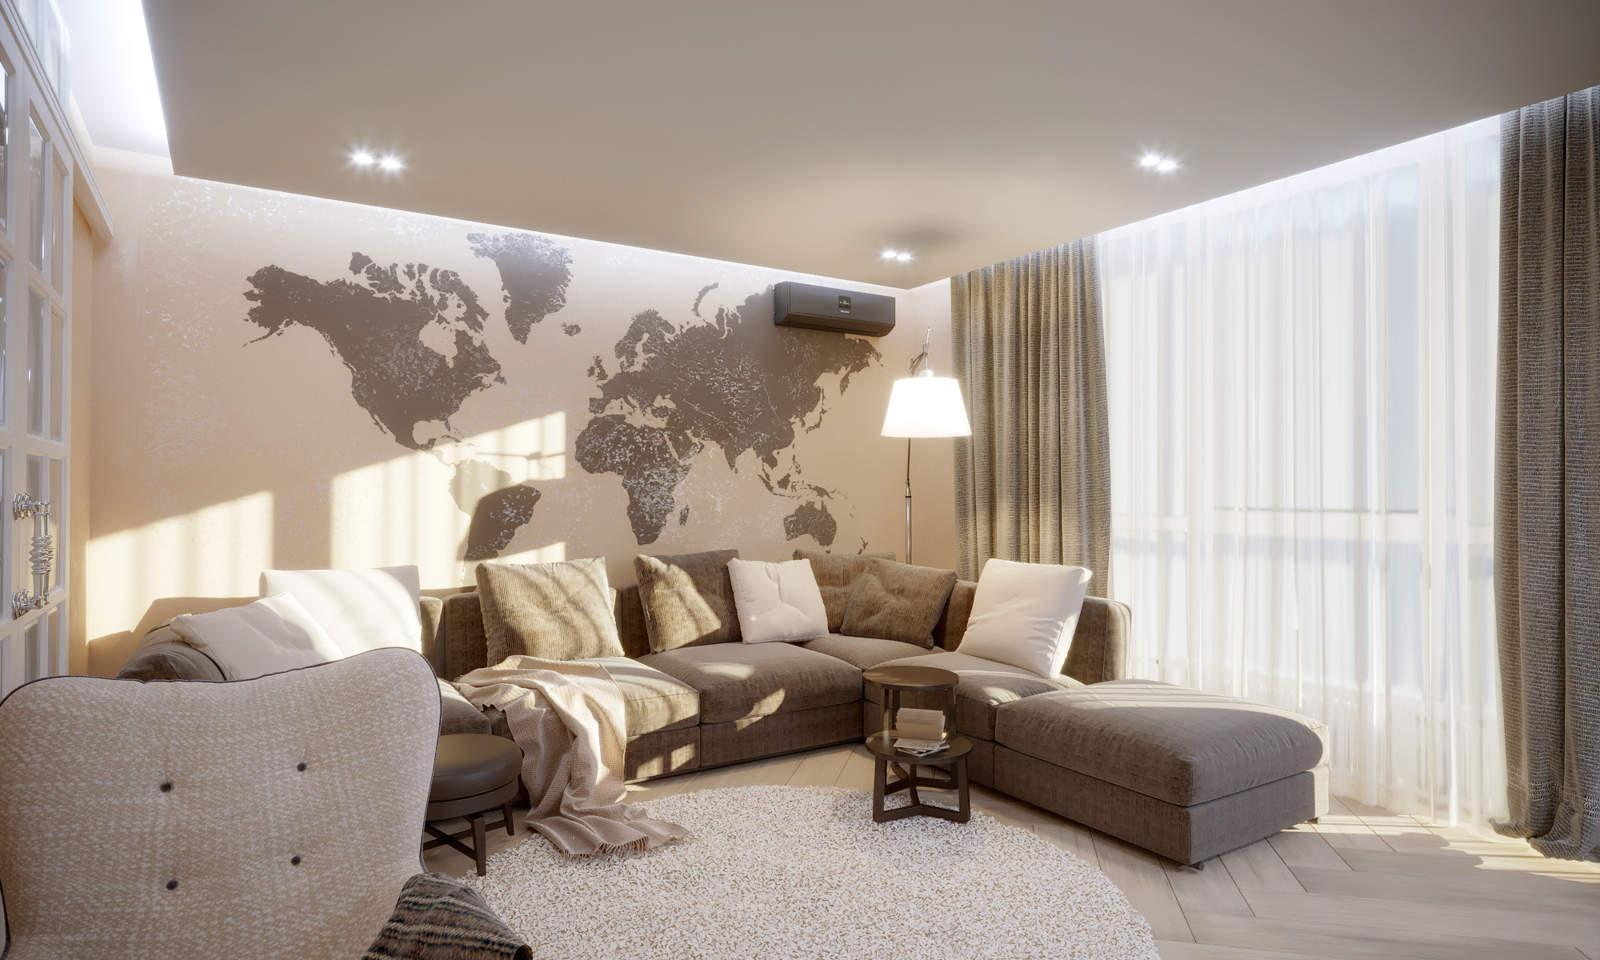 Дизайн нтерьера гостинной Киев Карта мира на стене